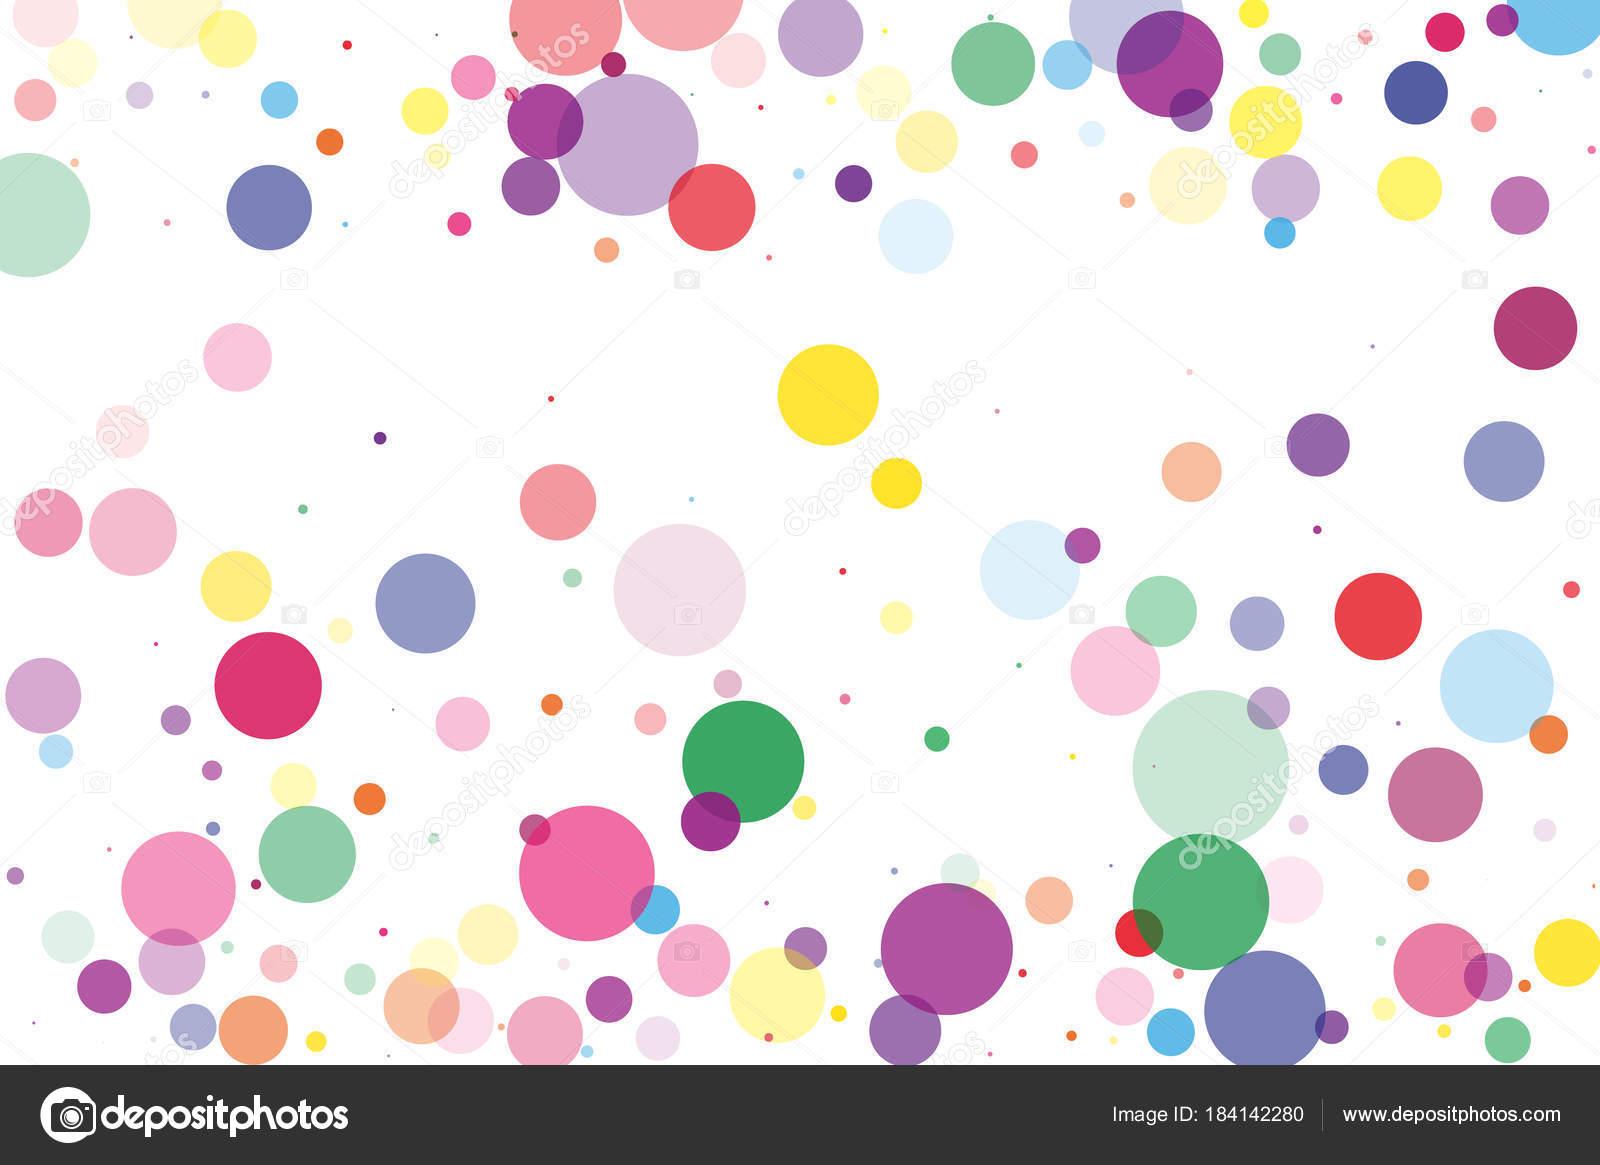 Bright Polka Dot Background